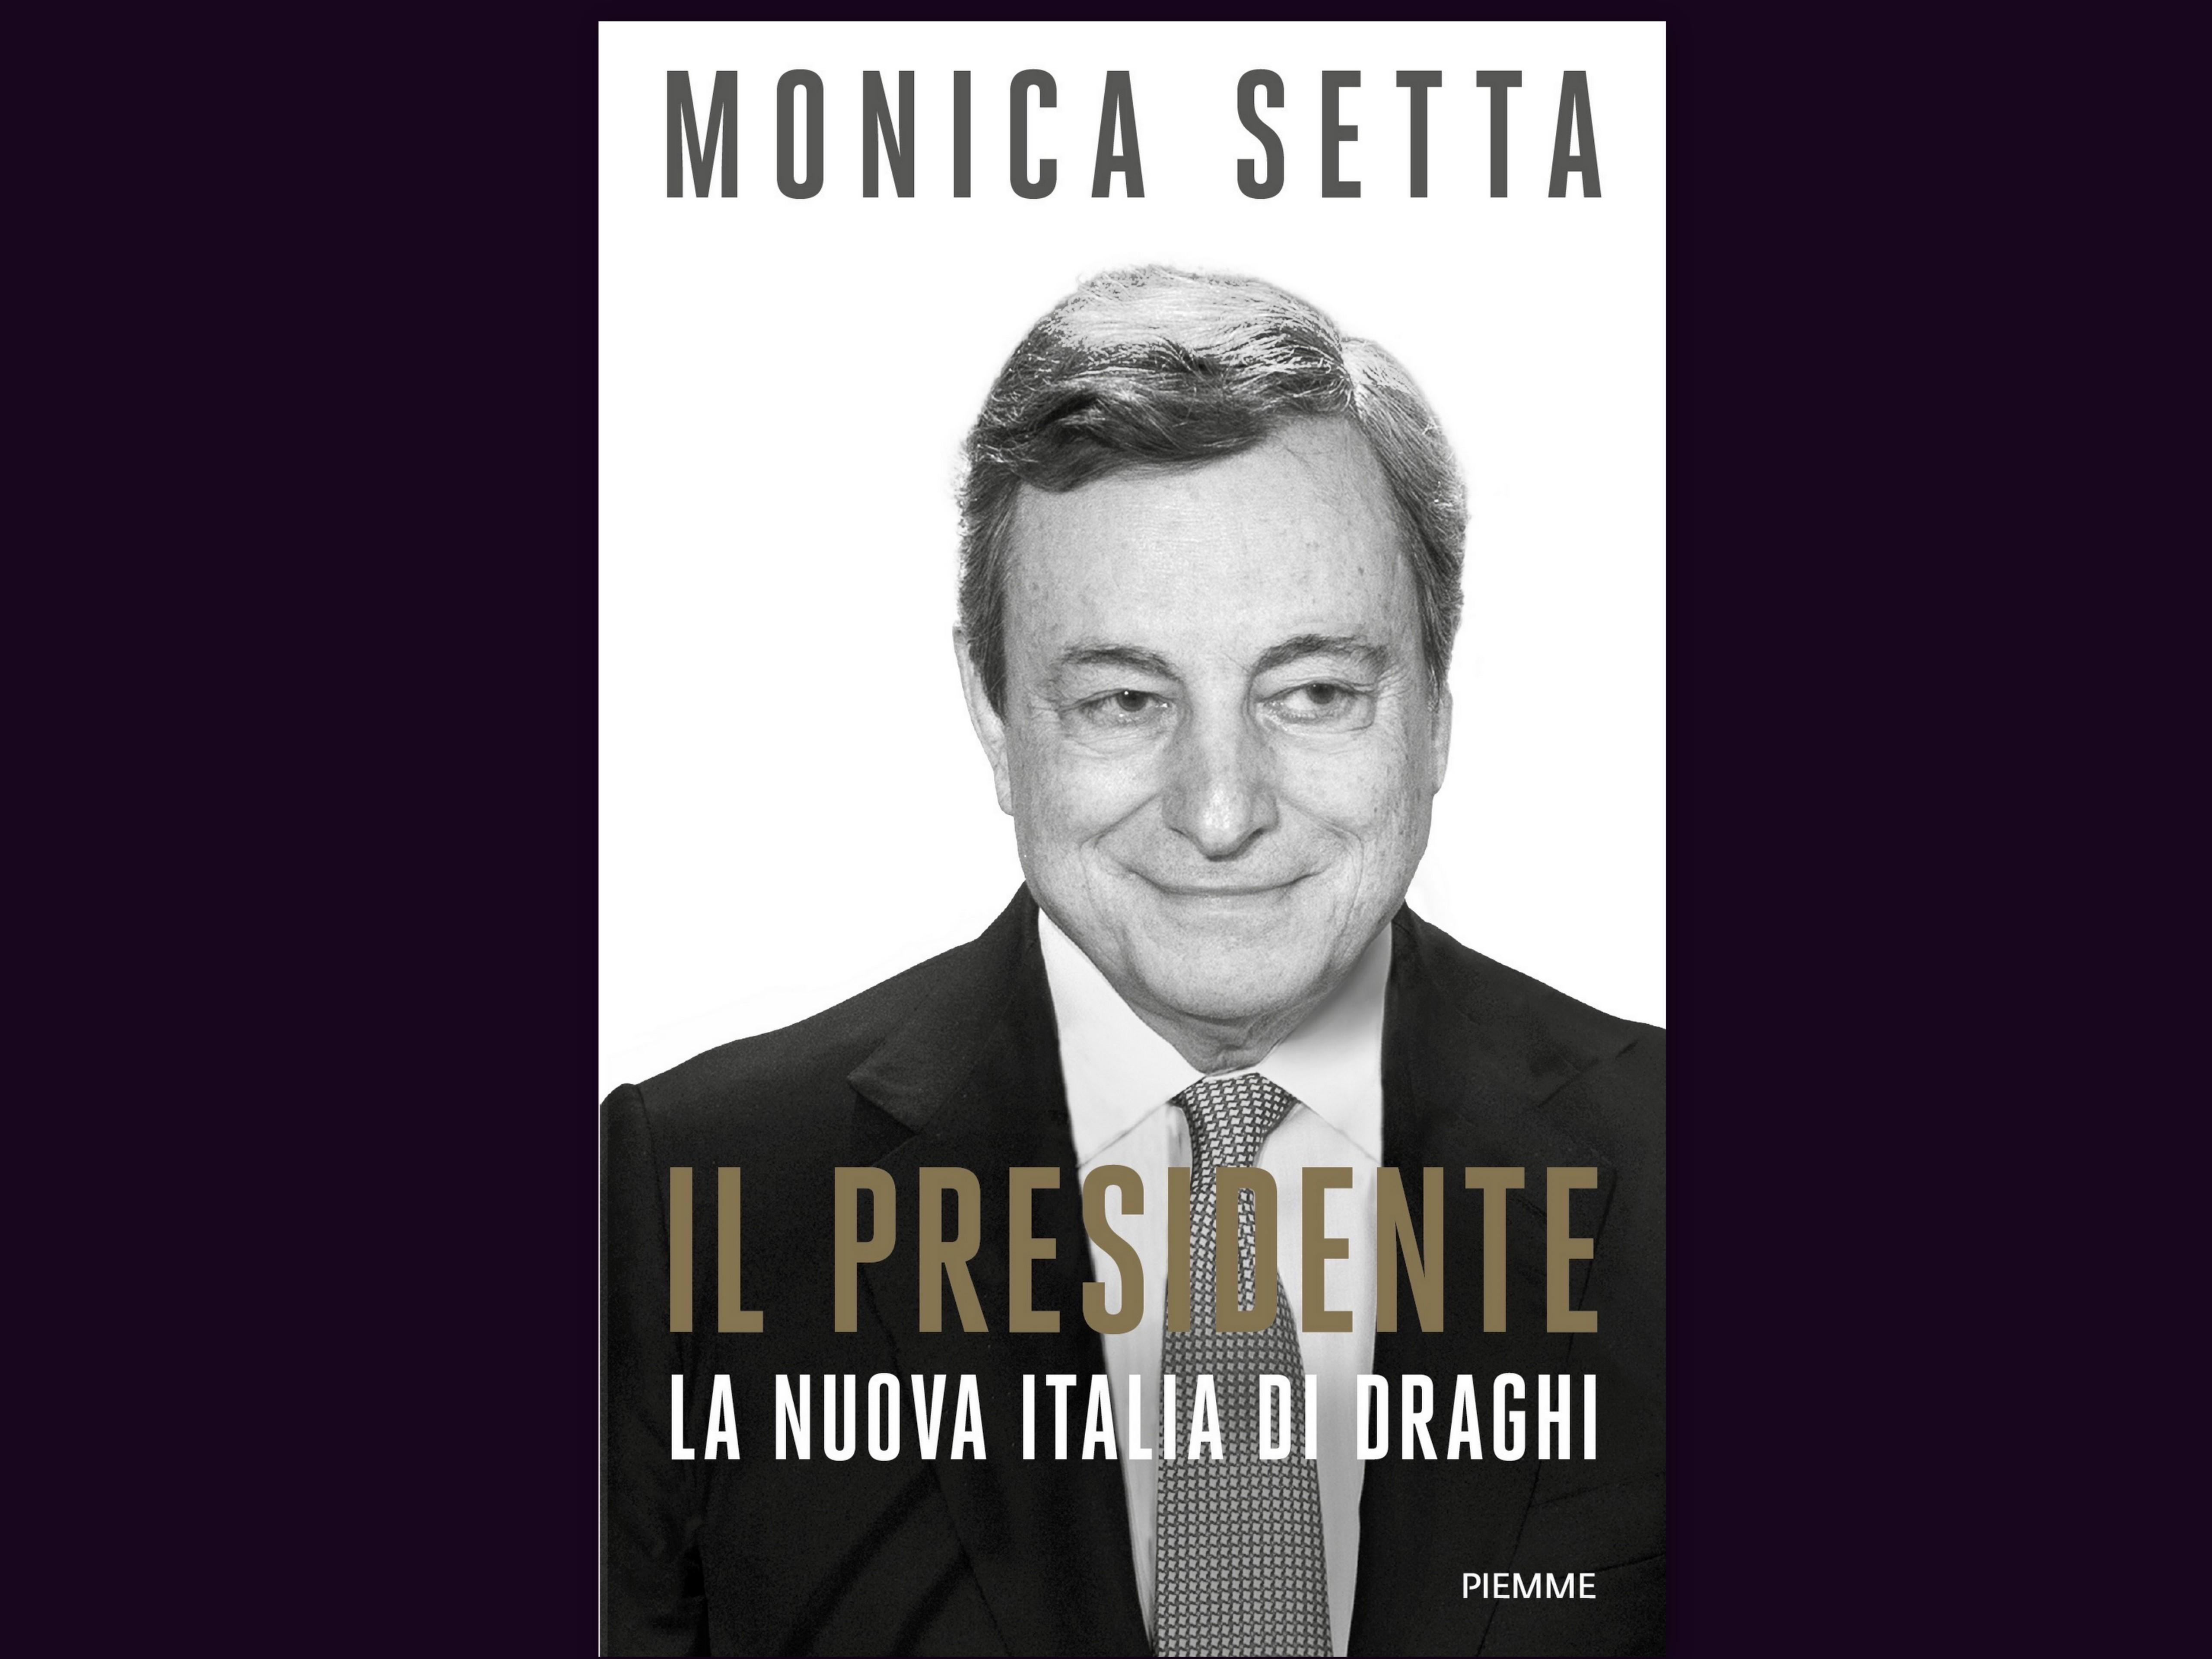 IL PRESIDENTE - LA NUOVA ITALIA DI MARIO DRAGHI